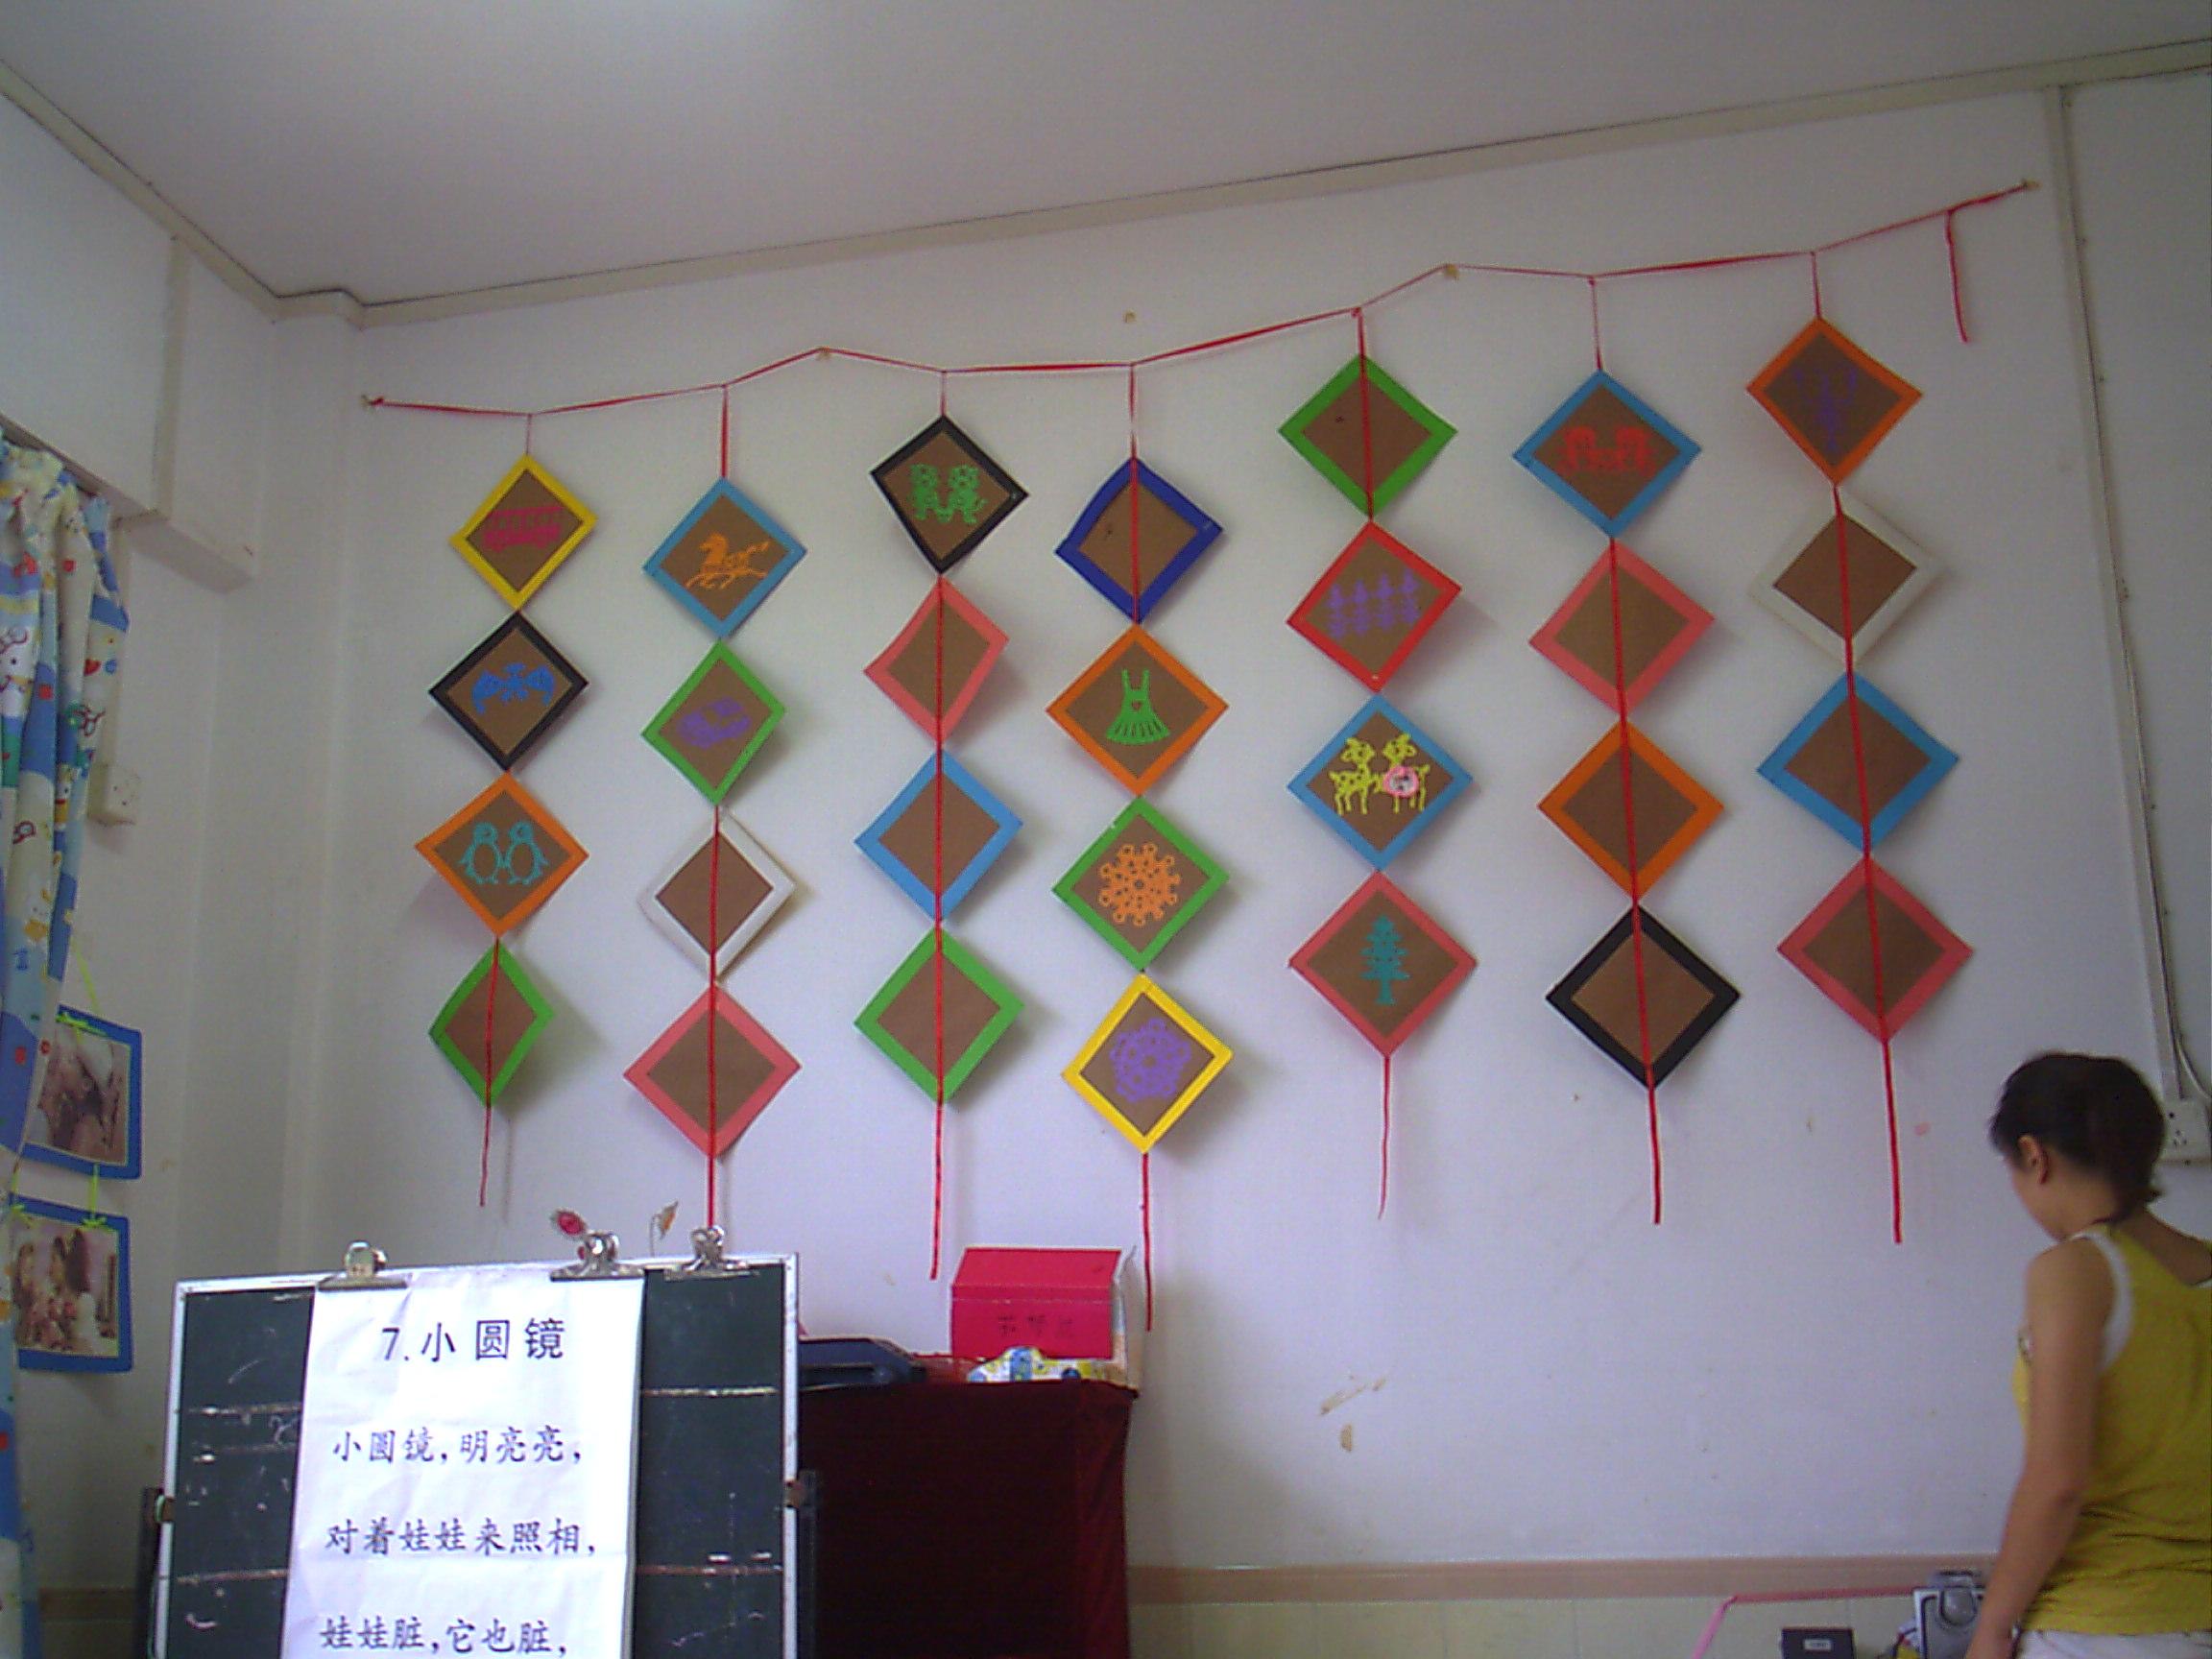 幼儿园吊饰图片:幼儿剪纸作品吊饰